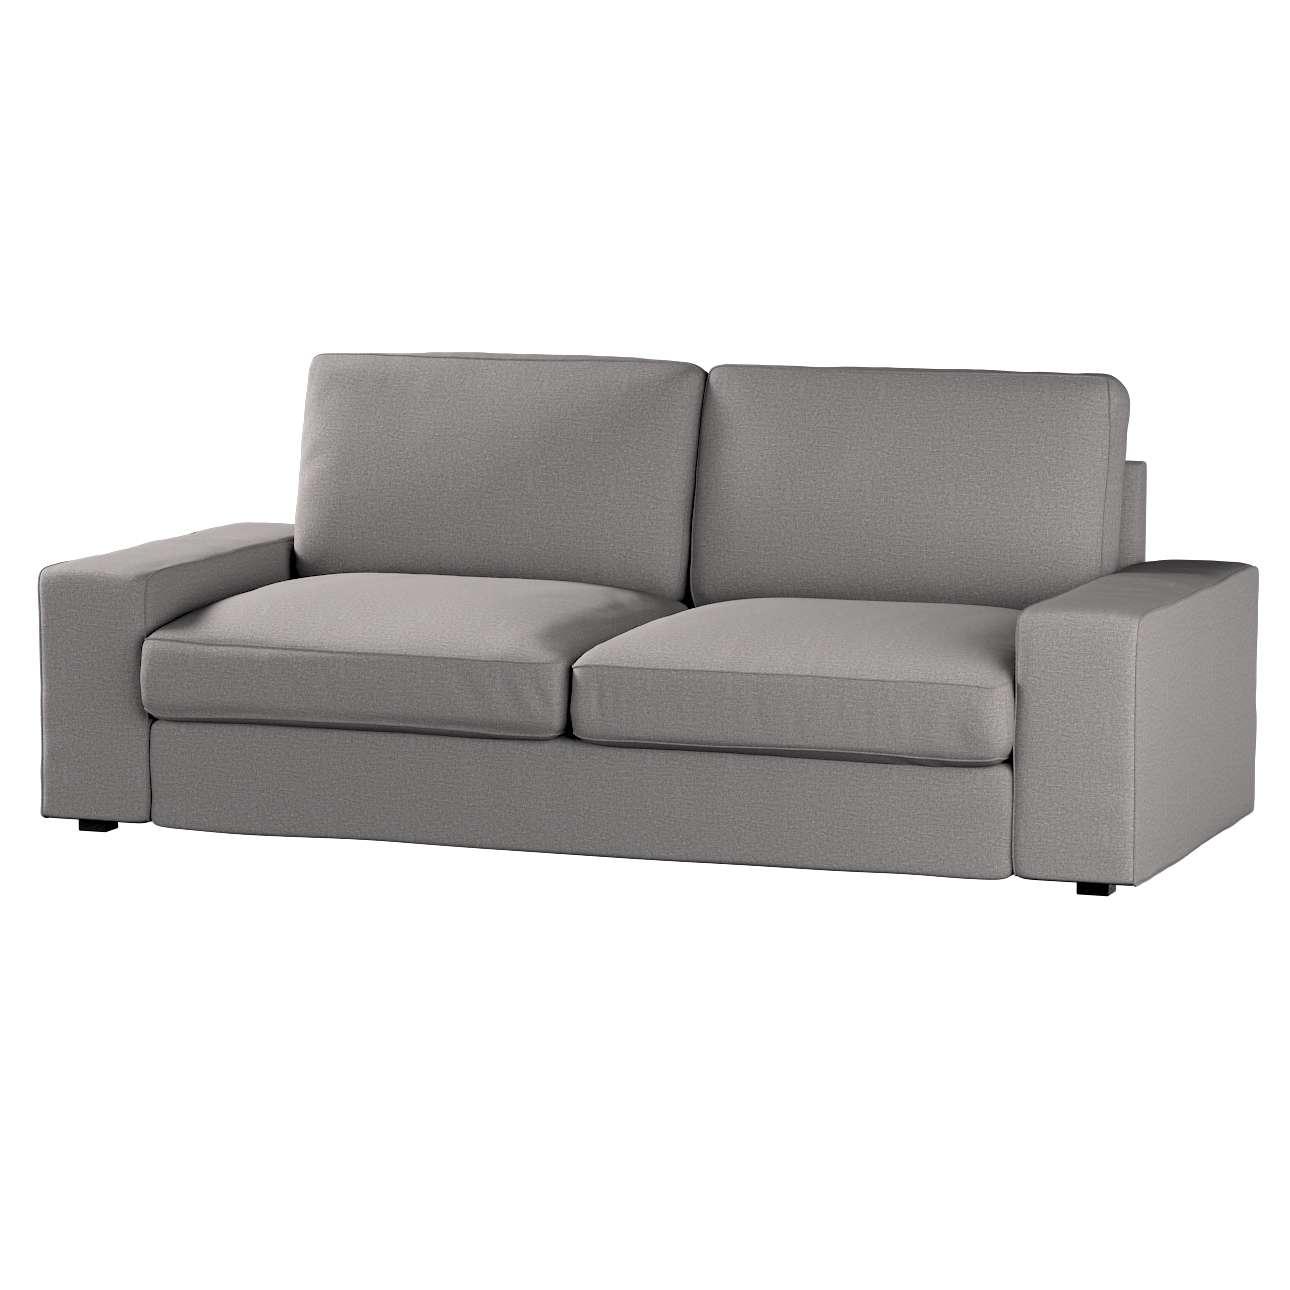 Pokrowiec na sofę Kivik 3-osobową, nierozkładaną Sofa Kivik 3-osobowa nierozkładana w kolekcji Edinburgh, tkanina: 115-81